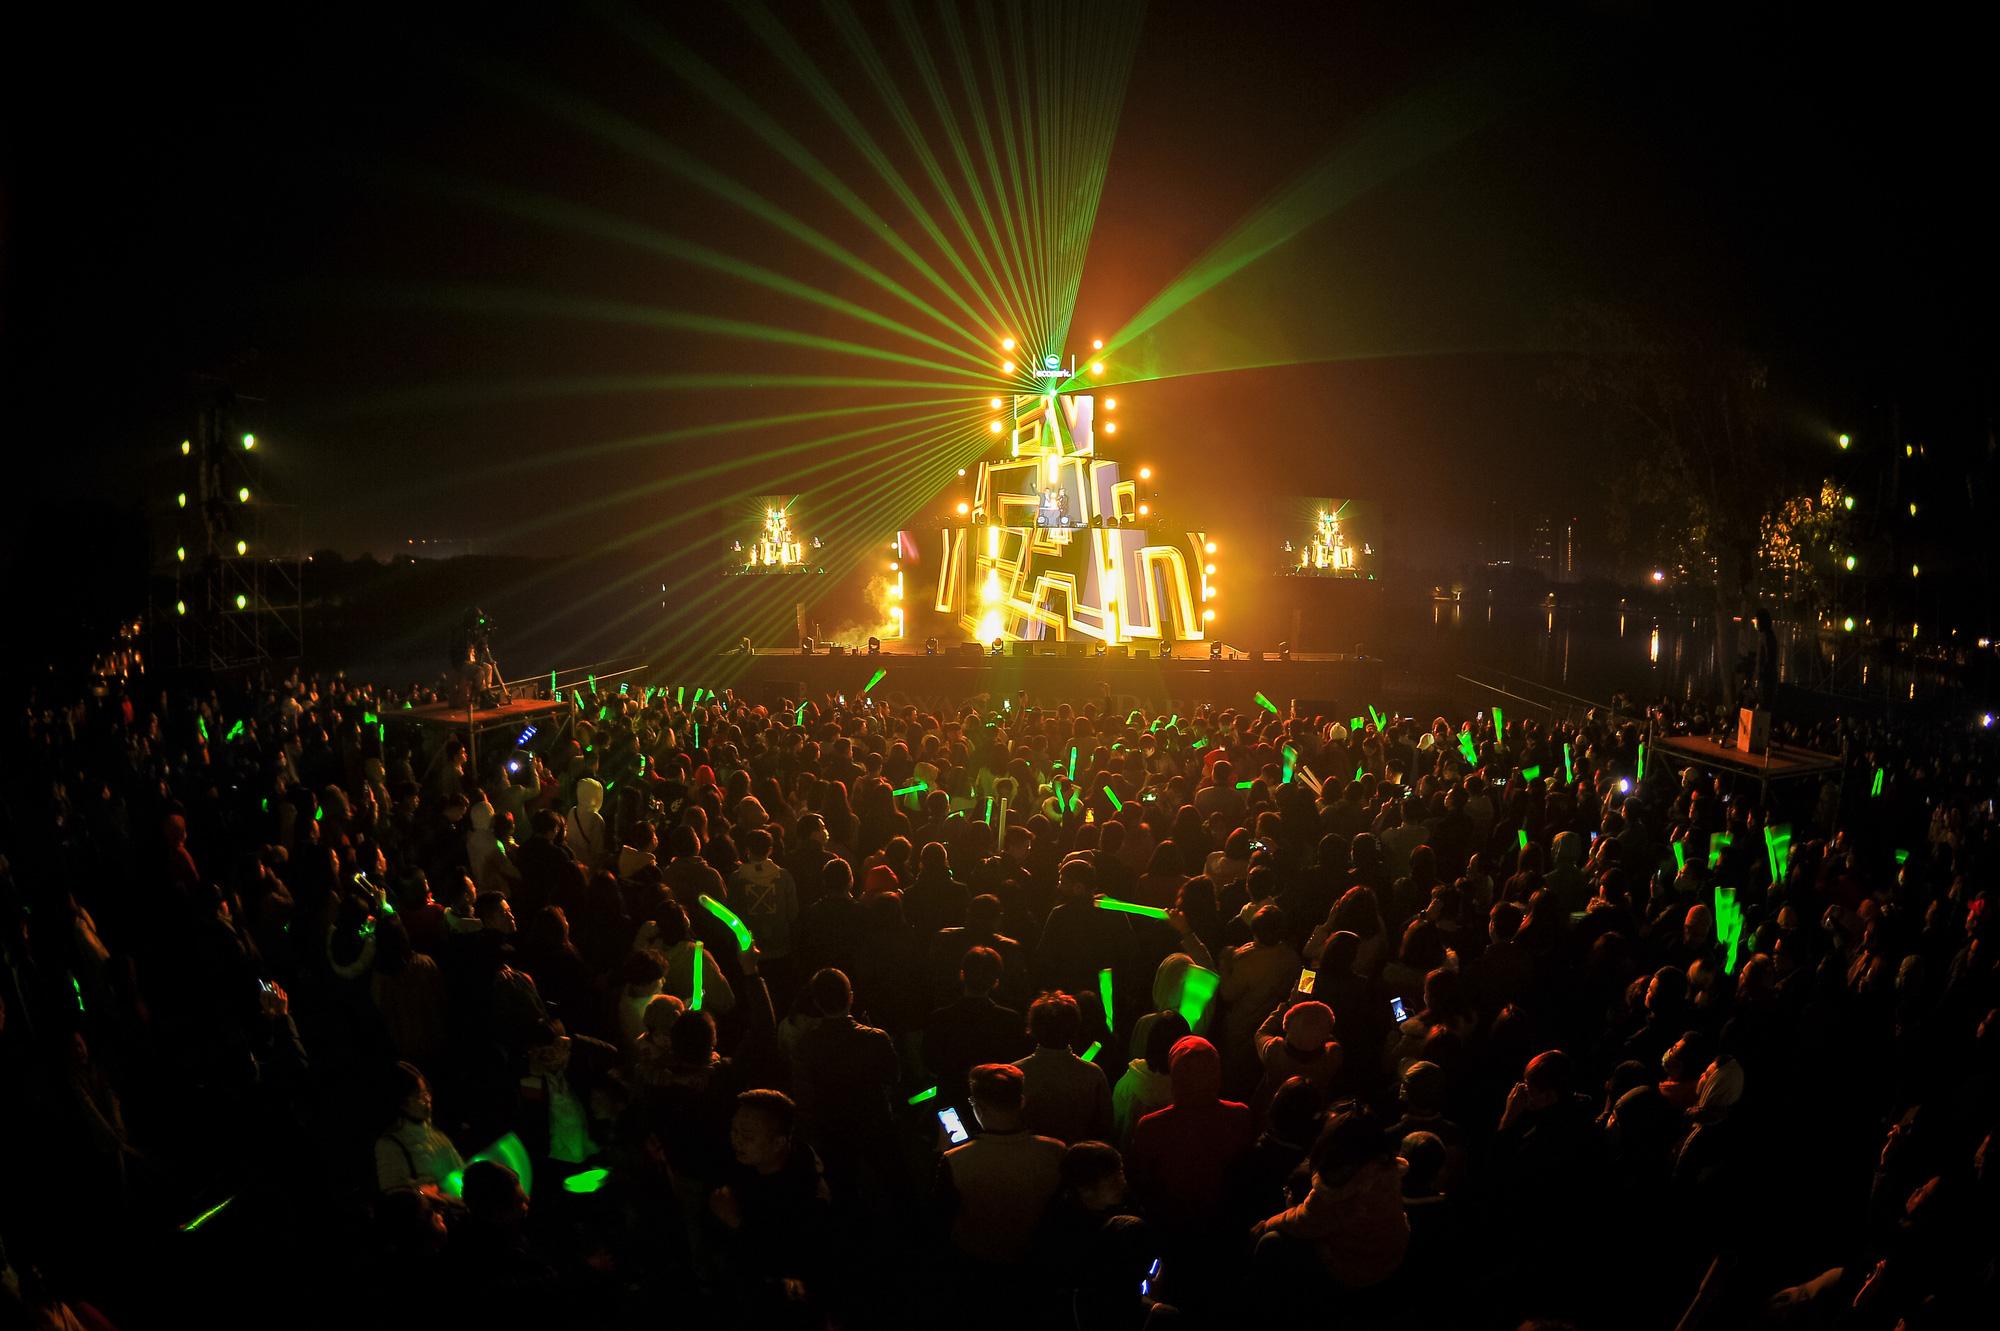 Gần 20 nghìn cư dân Ecopark mãn nhãn cùng đại tiệc countdown hoành tráng  - Ảnh 4.